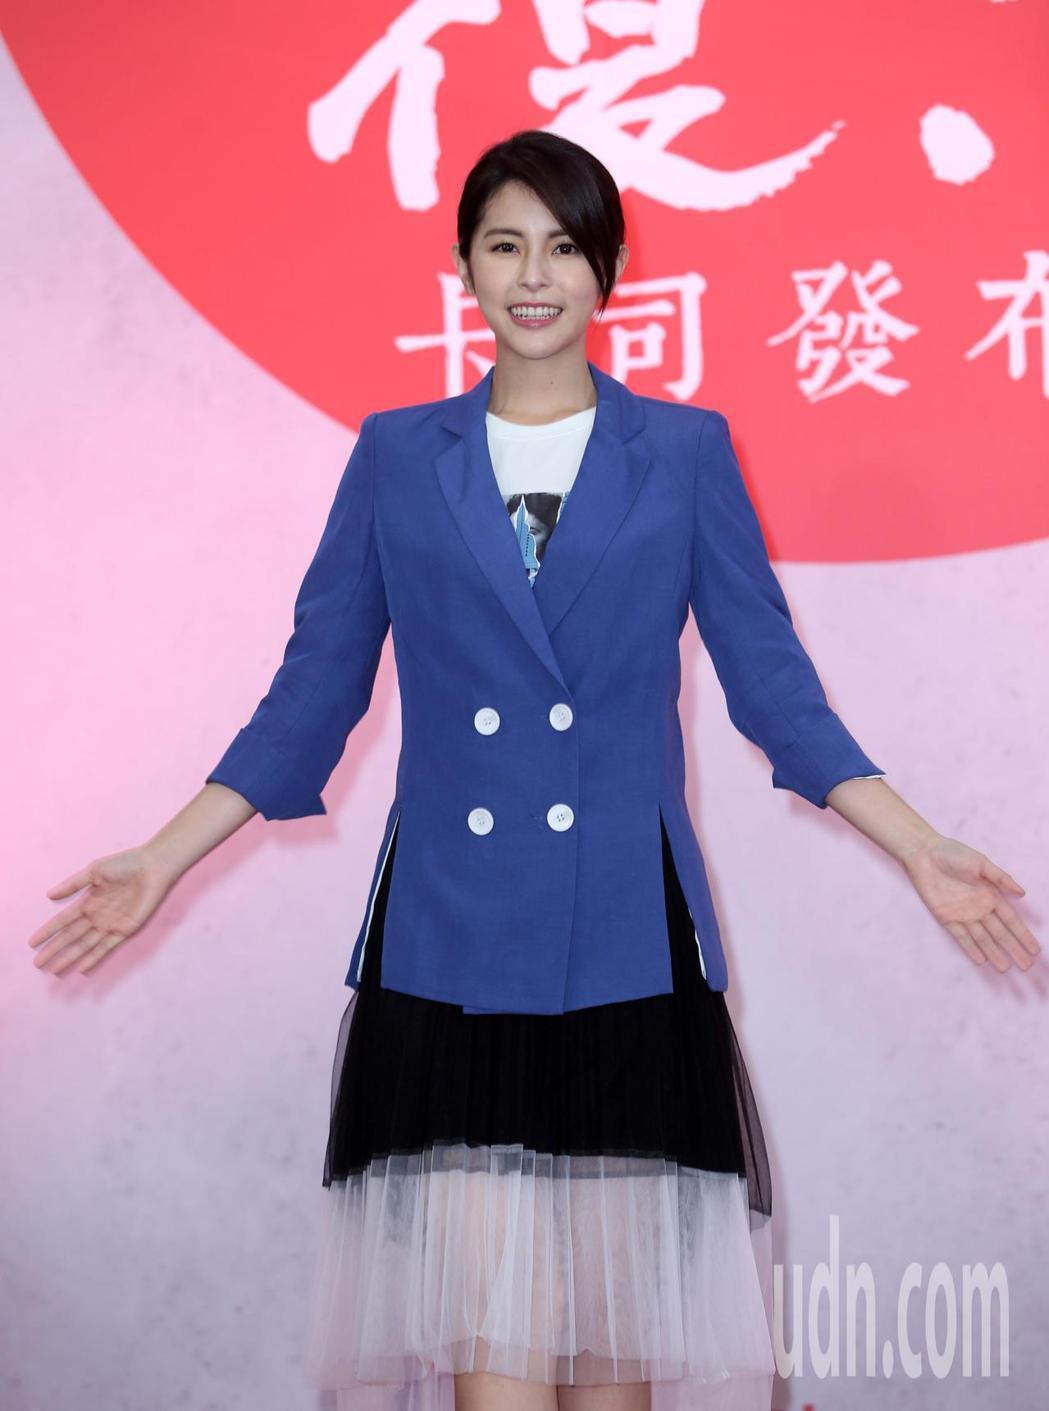 八大電視「覆活」卡司發布記者會,主要演員任容萱出席。記者曾吉松/攝影